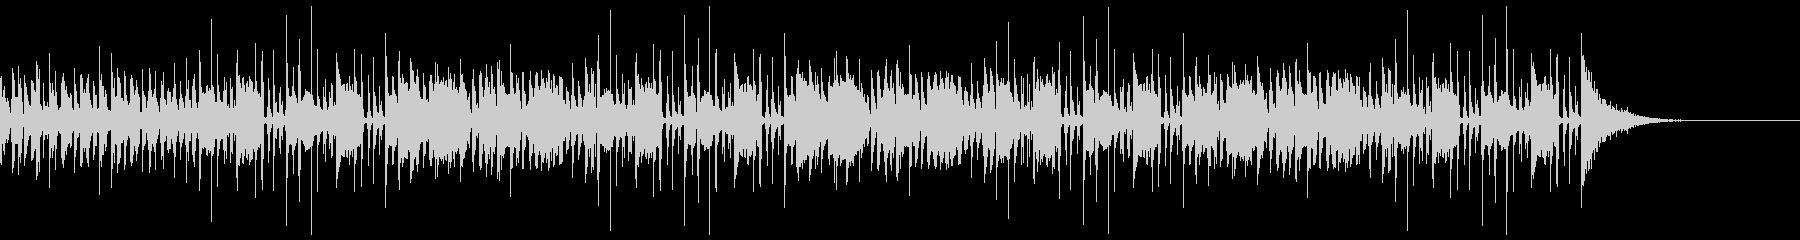 テックグルーブの種類には、SYFY...の未再生の波形